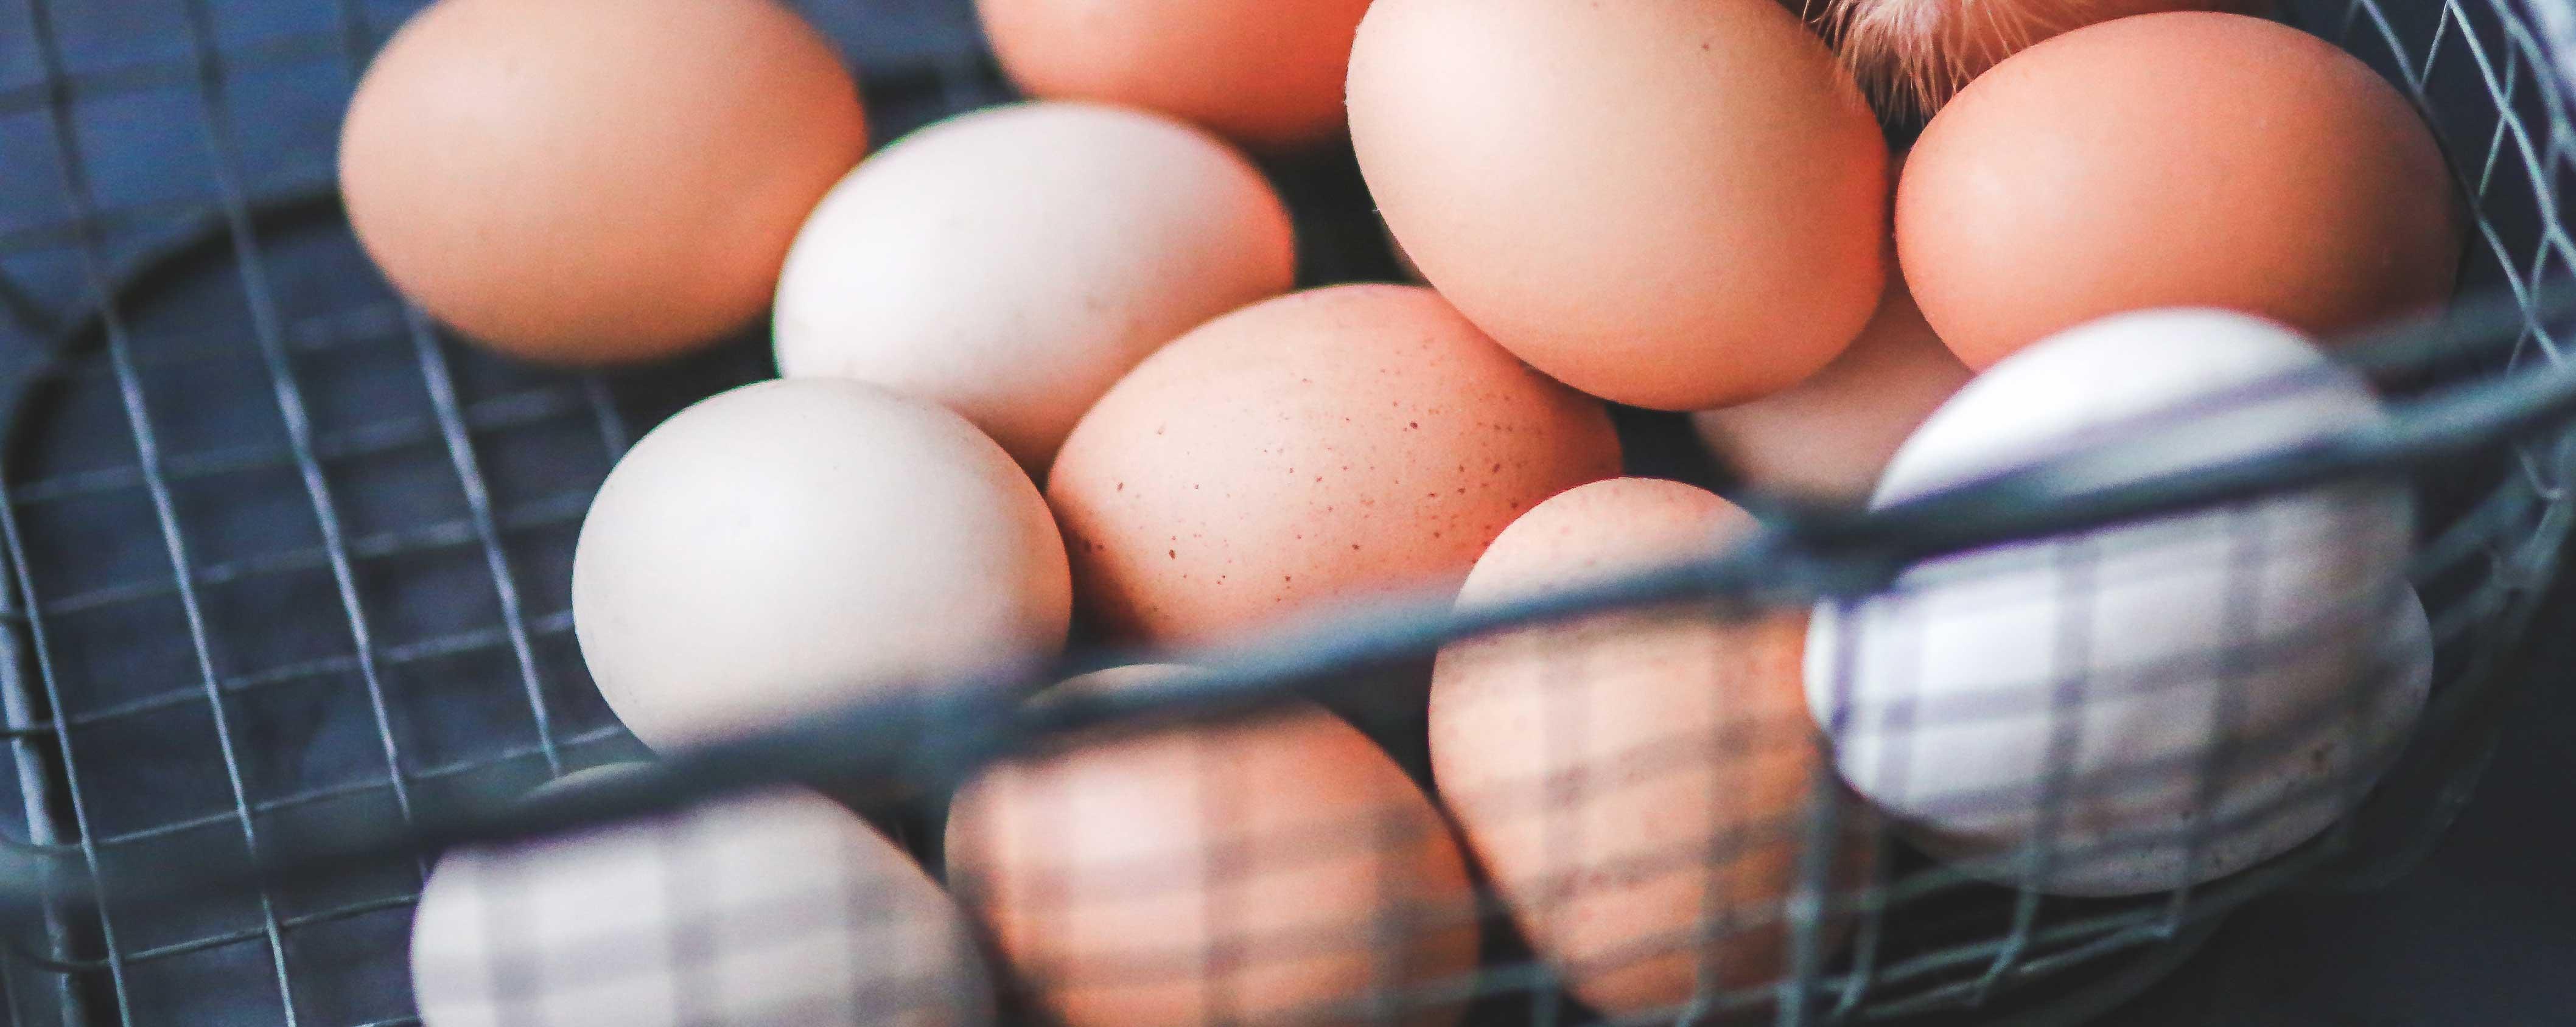 eggs-in-basket